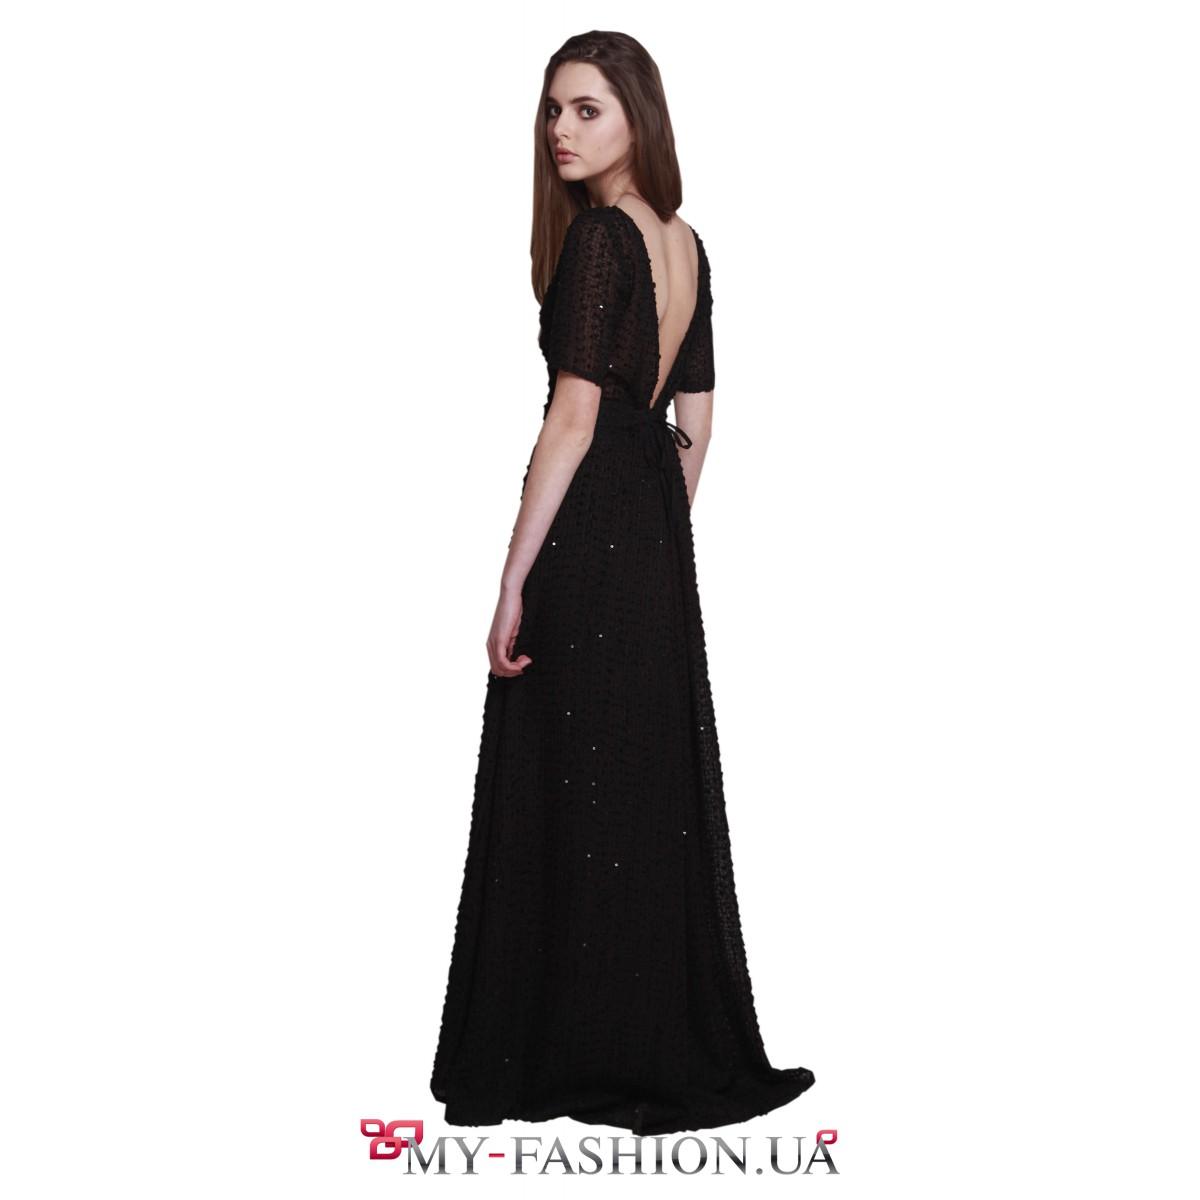 aa5647ac622afe3 Вечерние платья 2017-2018 - купить вечернее платье в Украине: цены, фото